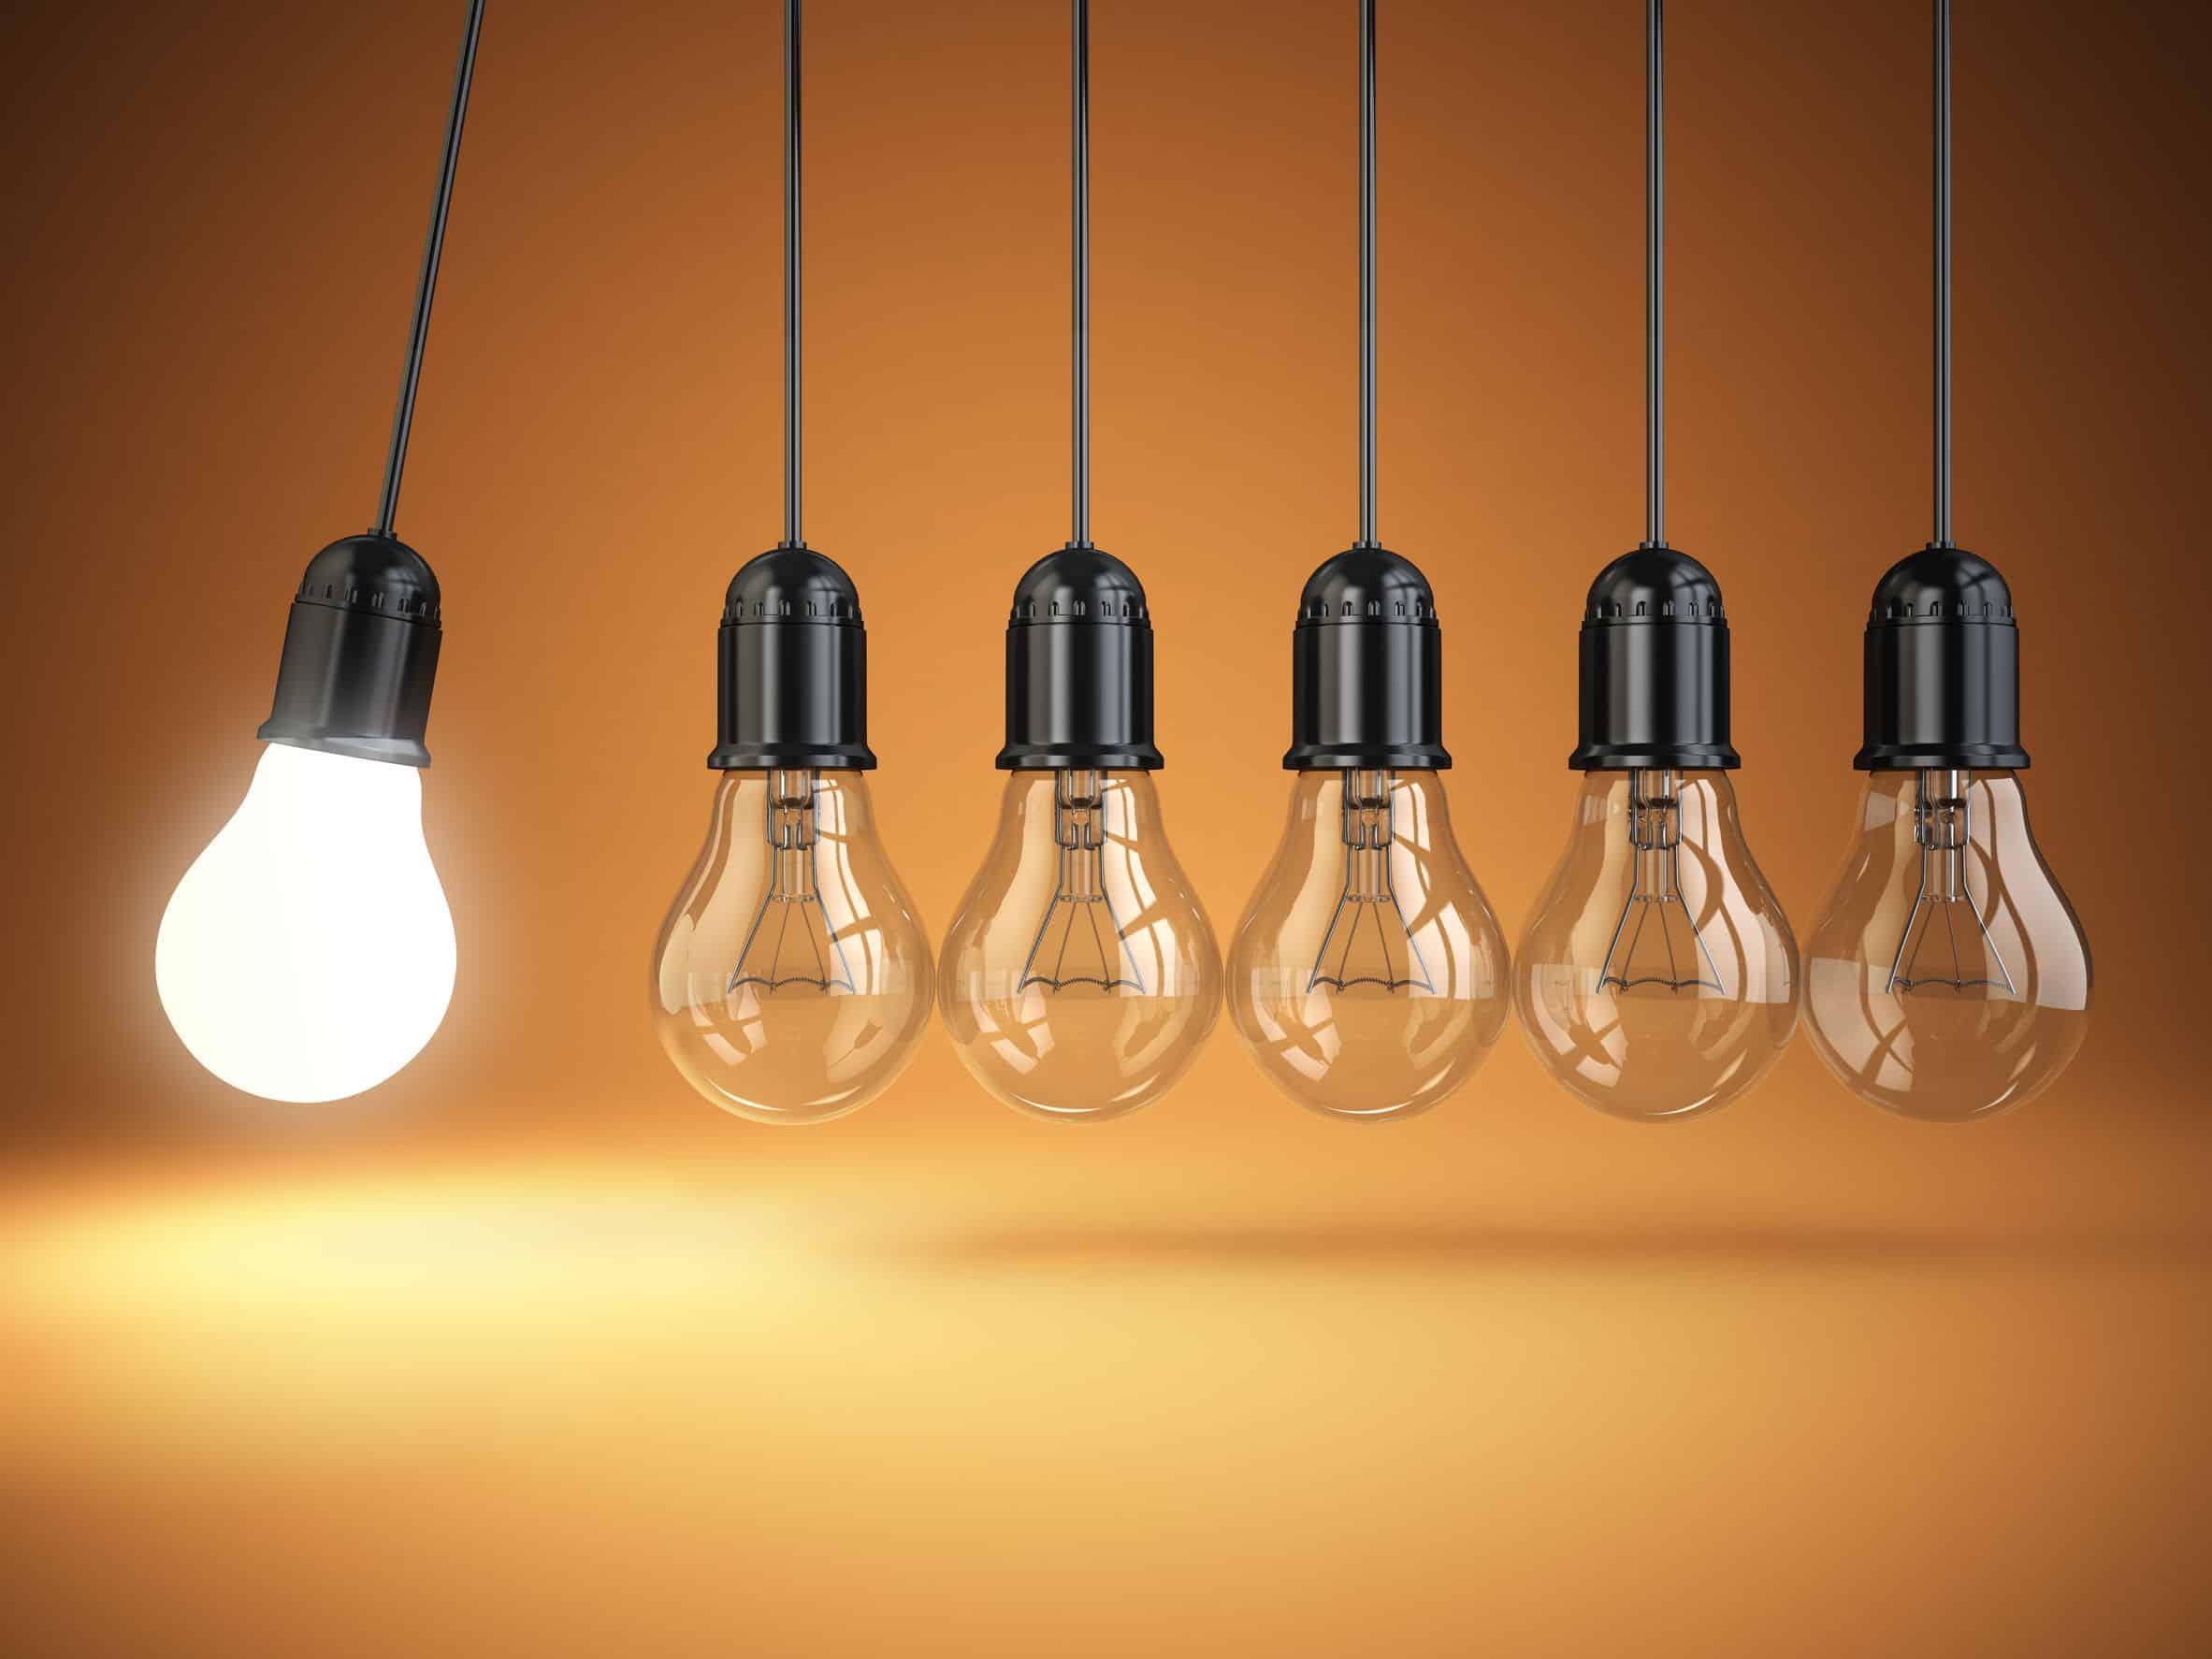 Moderne Lampen 88 : Pendelleuchten test 2018 die besten pendellampen im vergleich